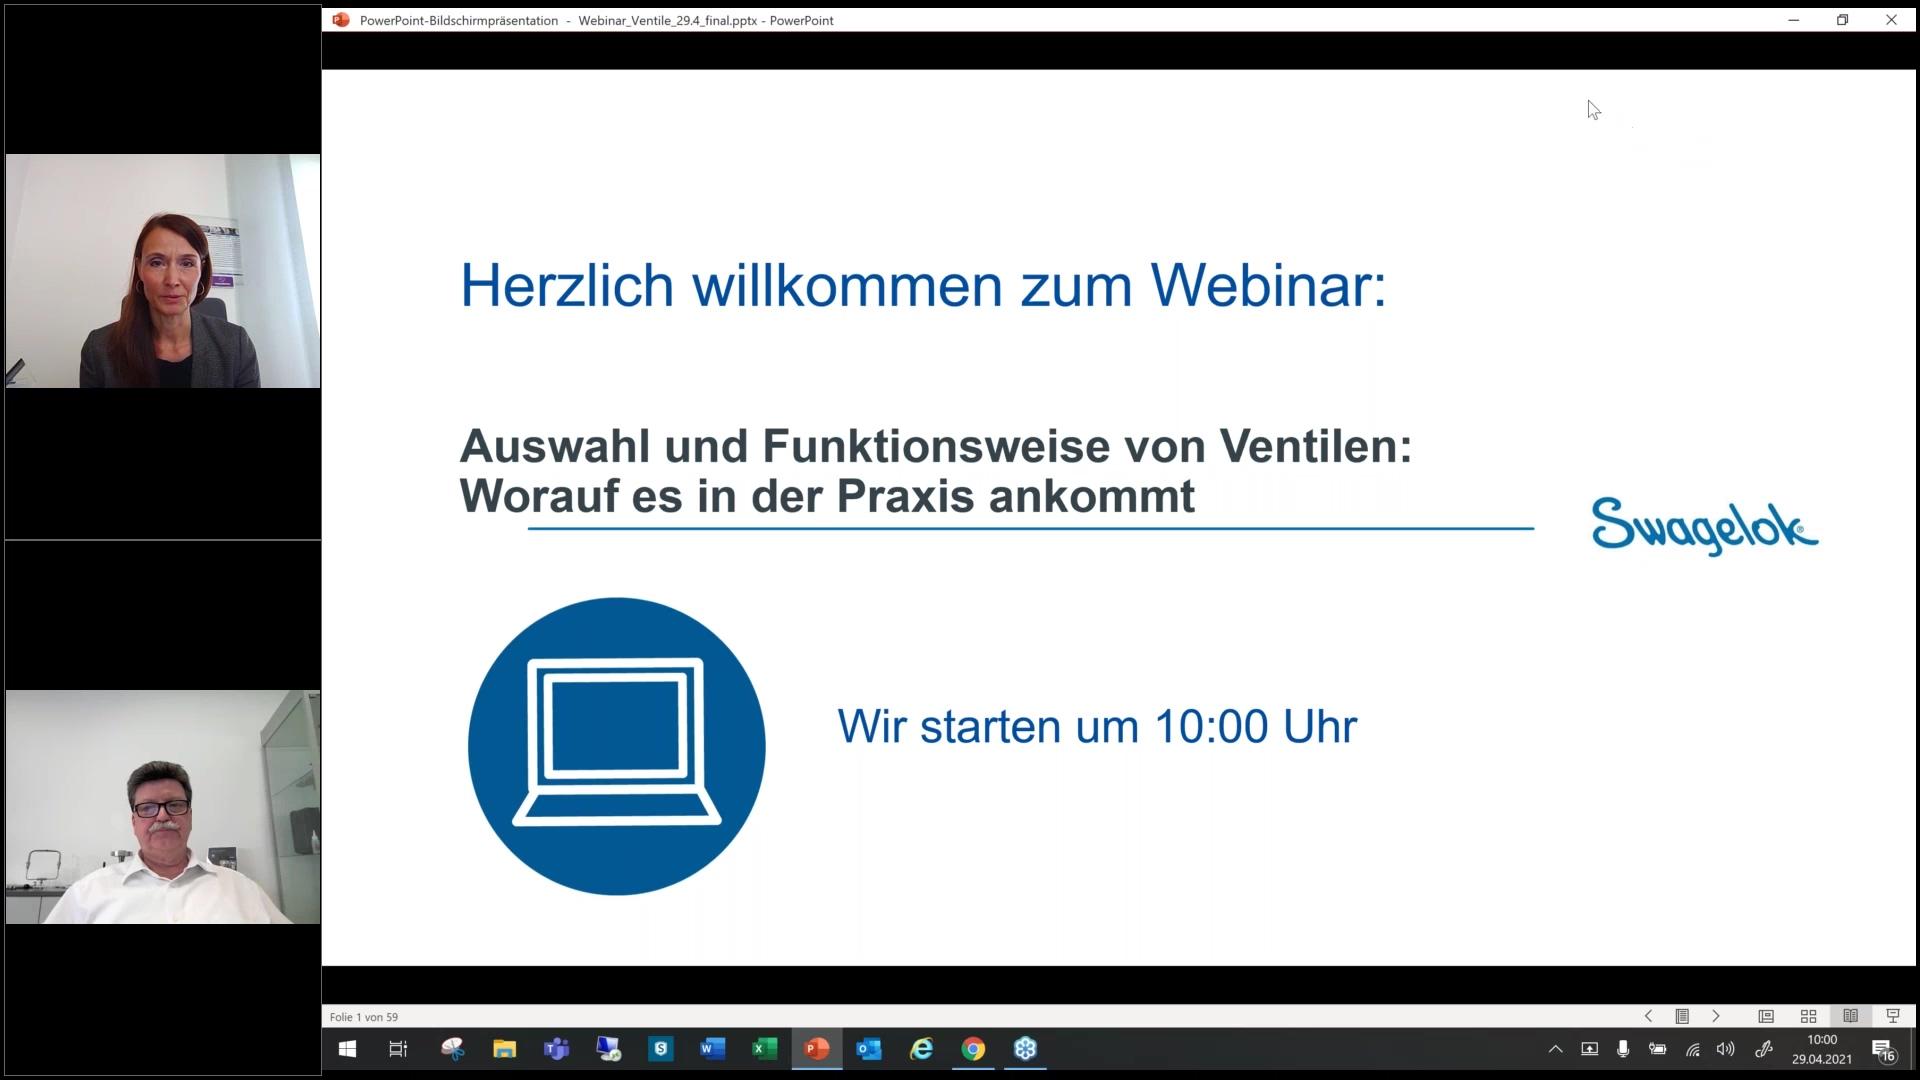 Webinar_Auswahl_und_Funktionsweise_von_Ventilen_ID67-thumb